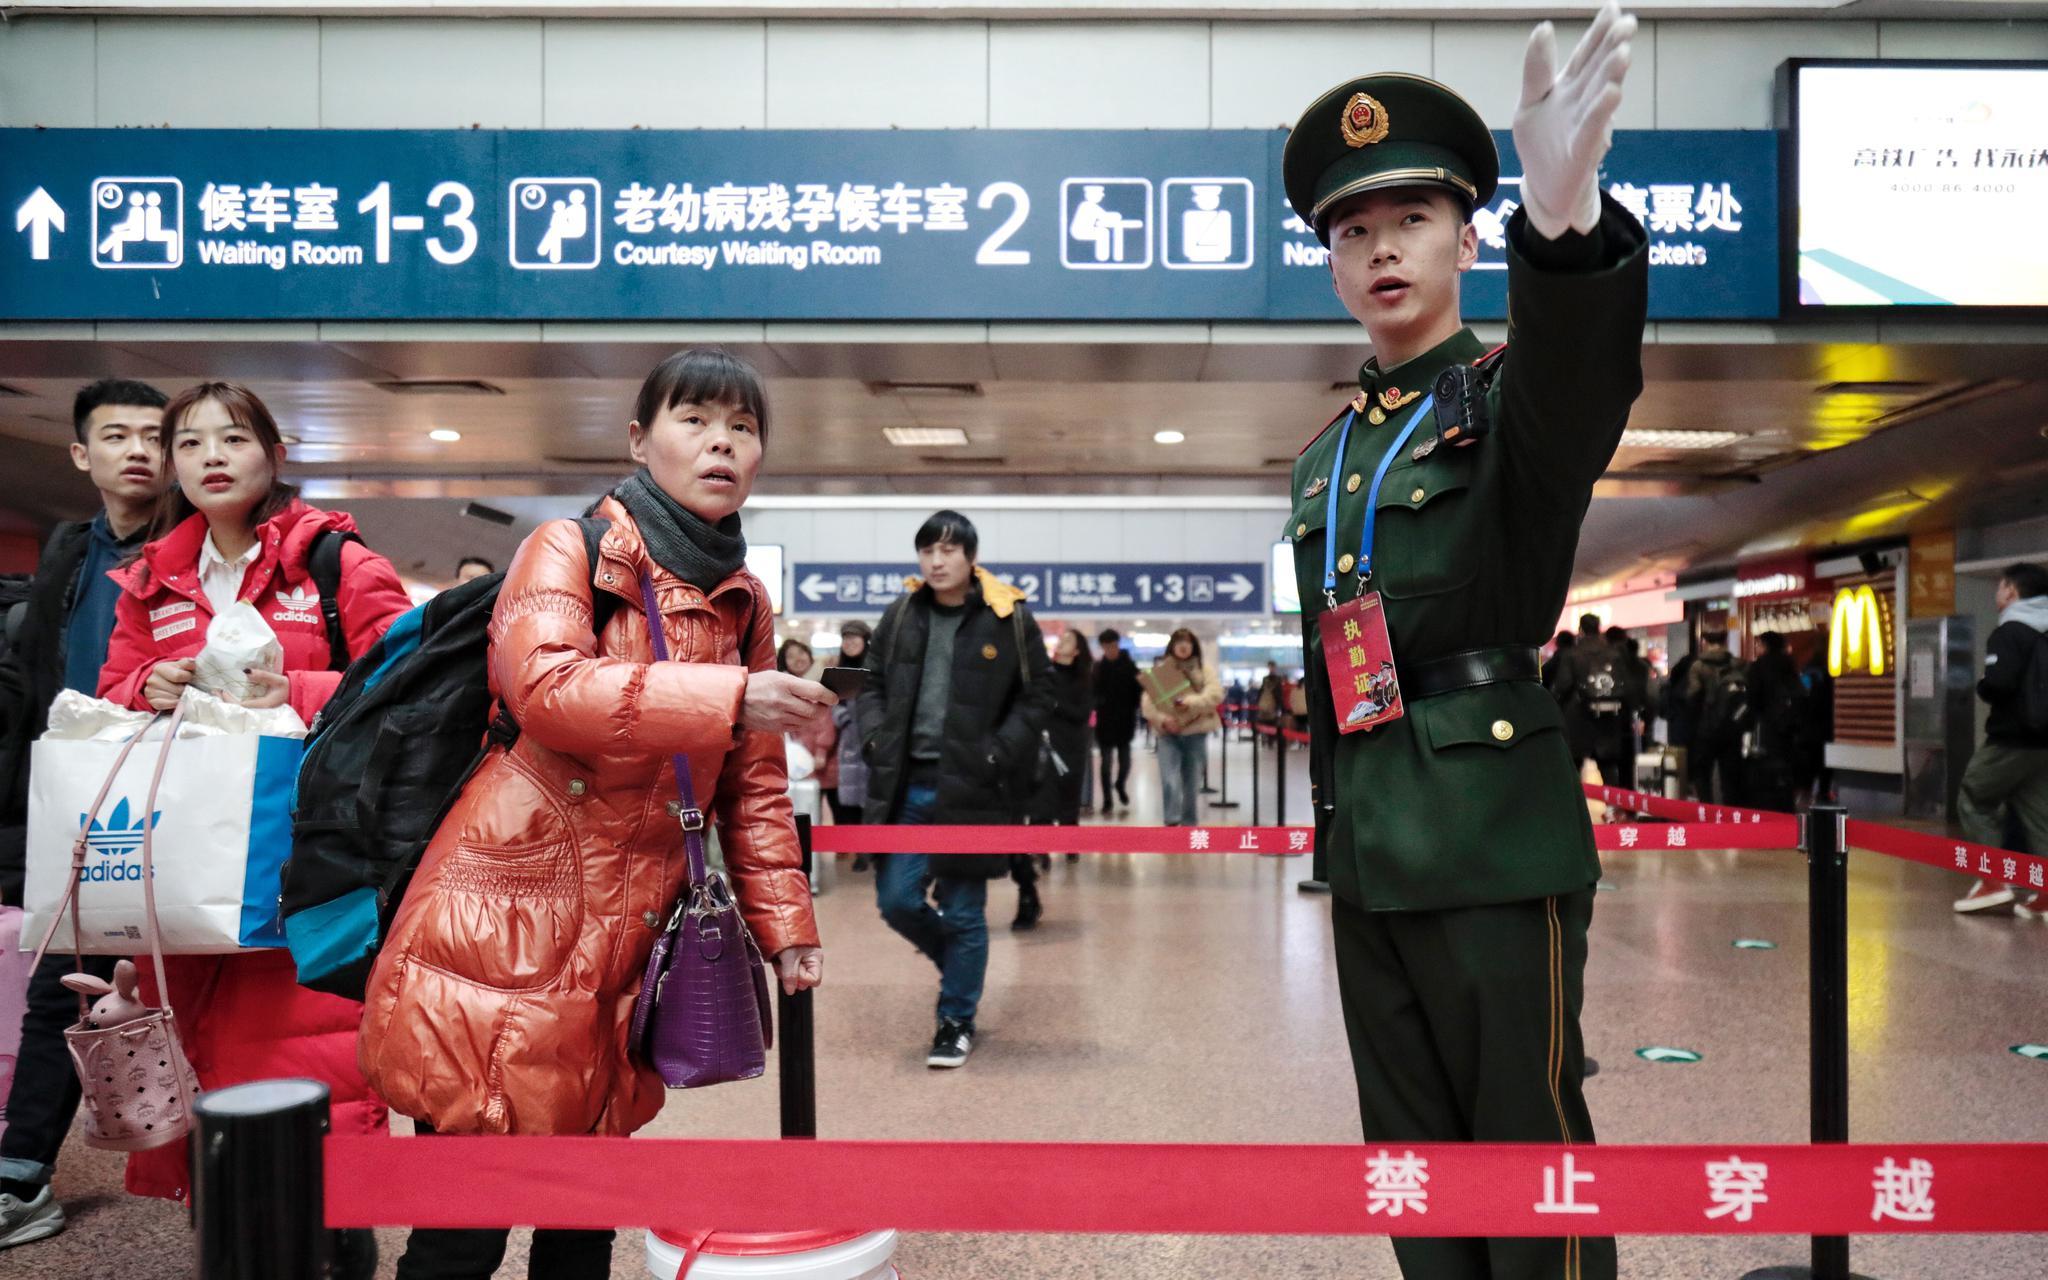 春运首日北京武警进火车站执勤,熟背发车表服务问路乘客图片